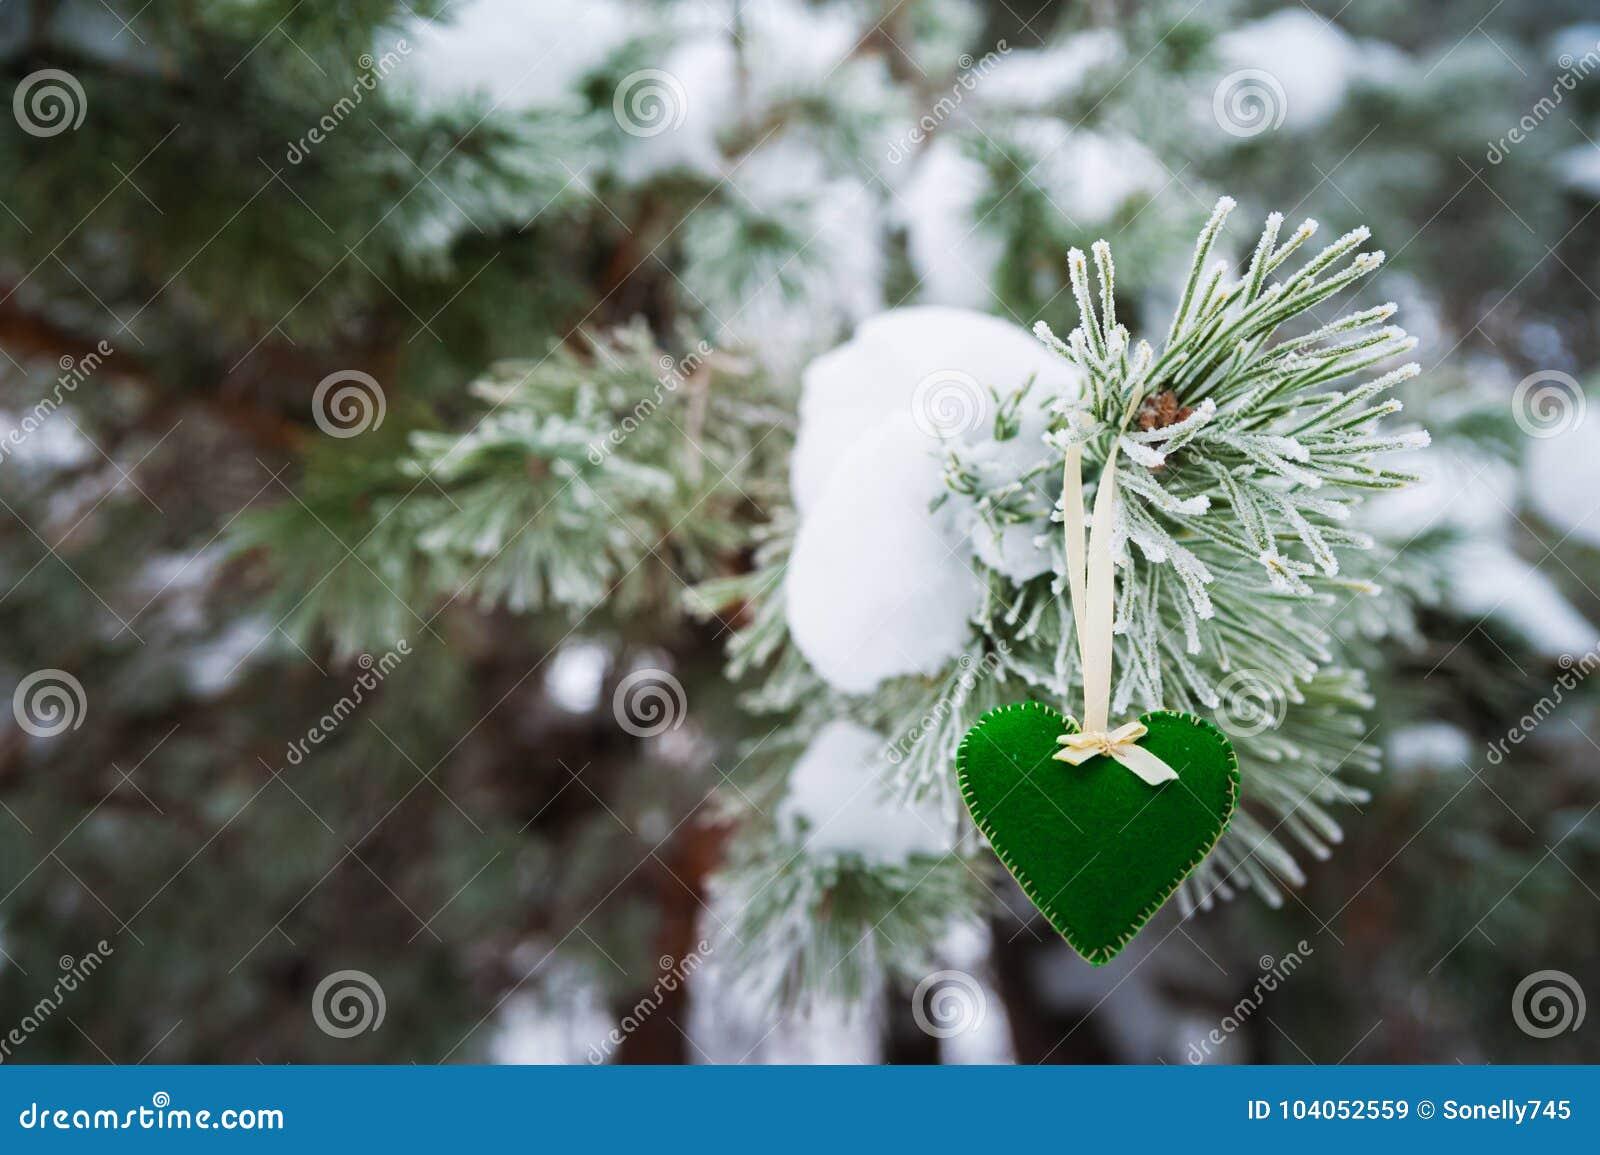 94d38f4f375 En La Rama Nevada De árboles De Navidad